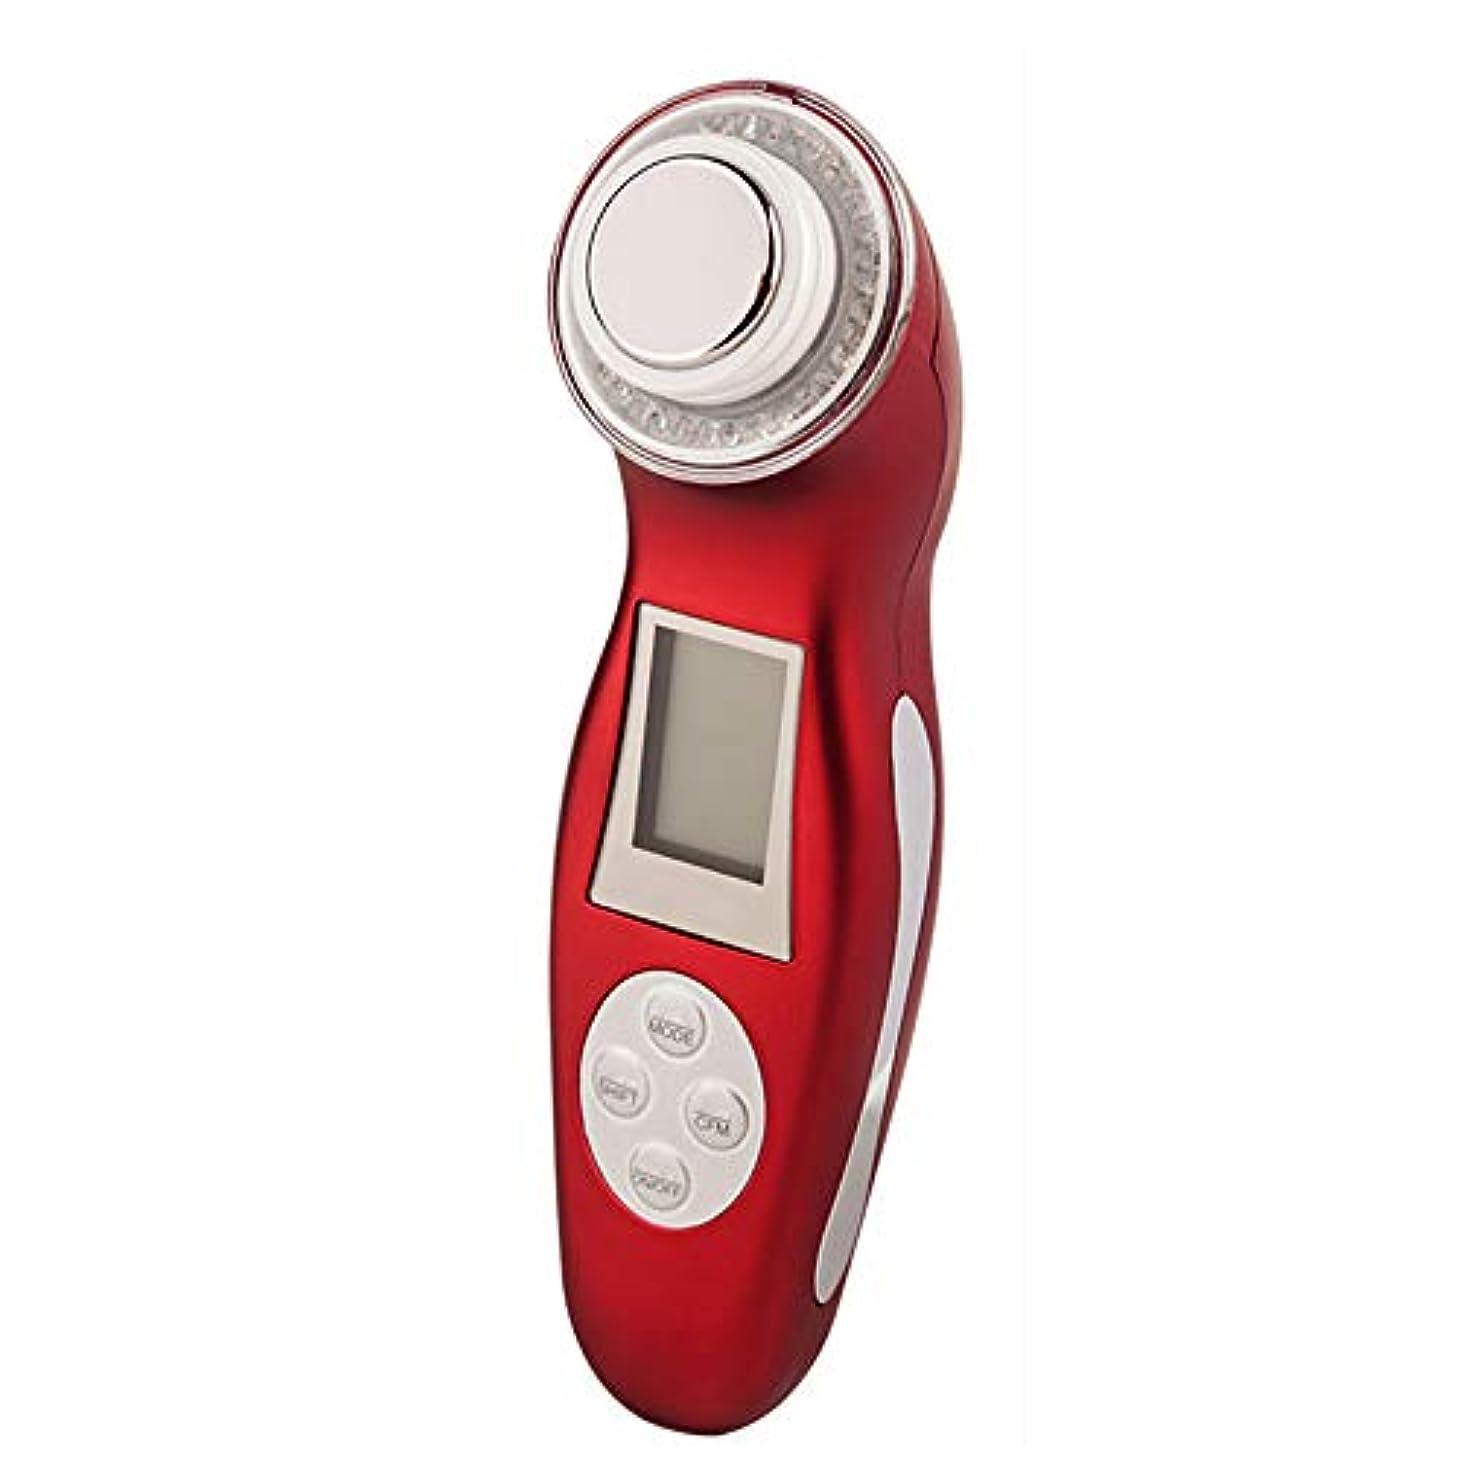 スリンクパッチ集める引き締め美容装置3色光モードリフティングスキン、若返り顔マッサージしわ白くスキンケア器具,Red